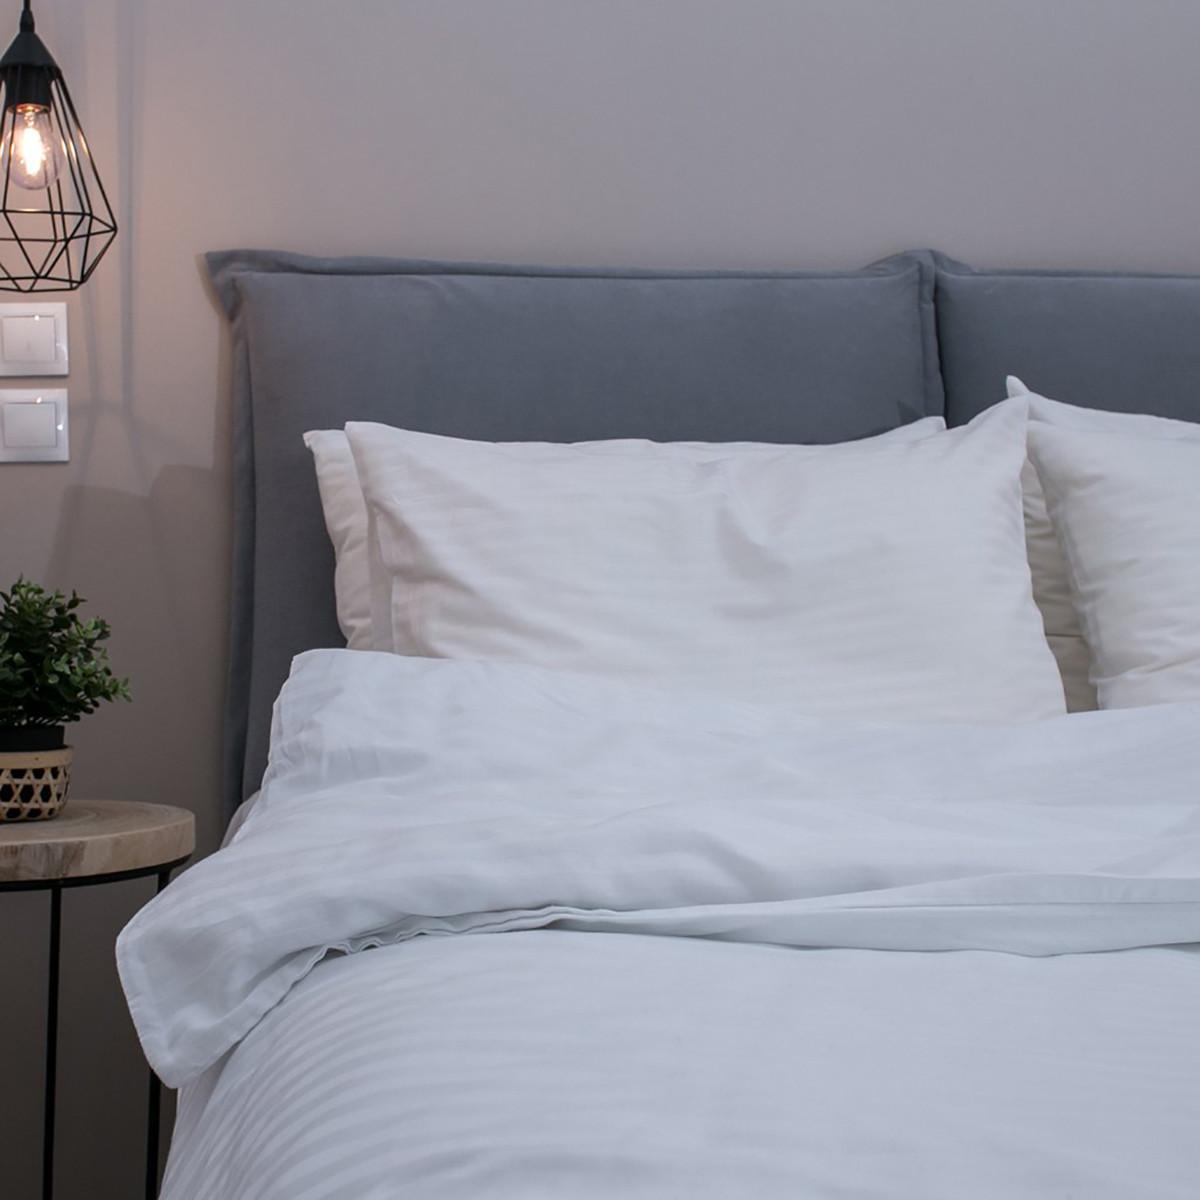 Σεντόνια Υπέρδιπλα (Σετ) White Fabric Stripy White